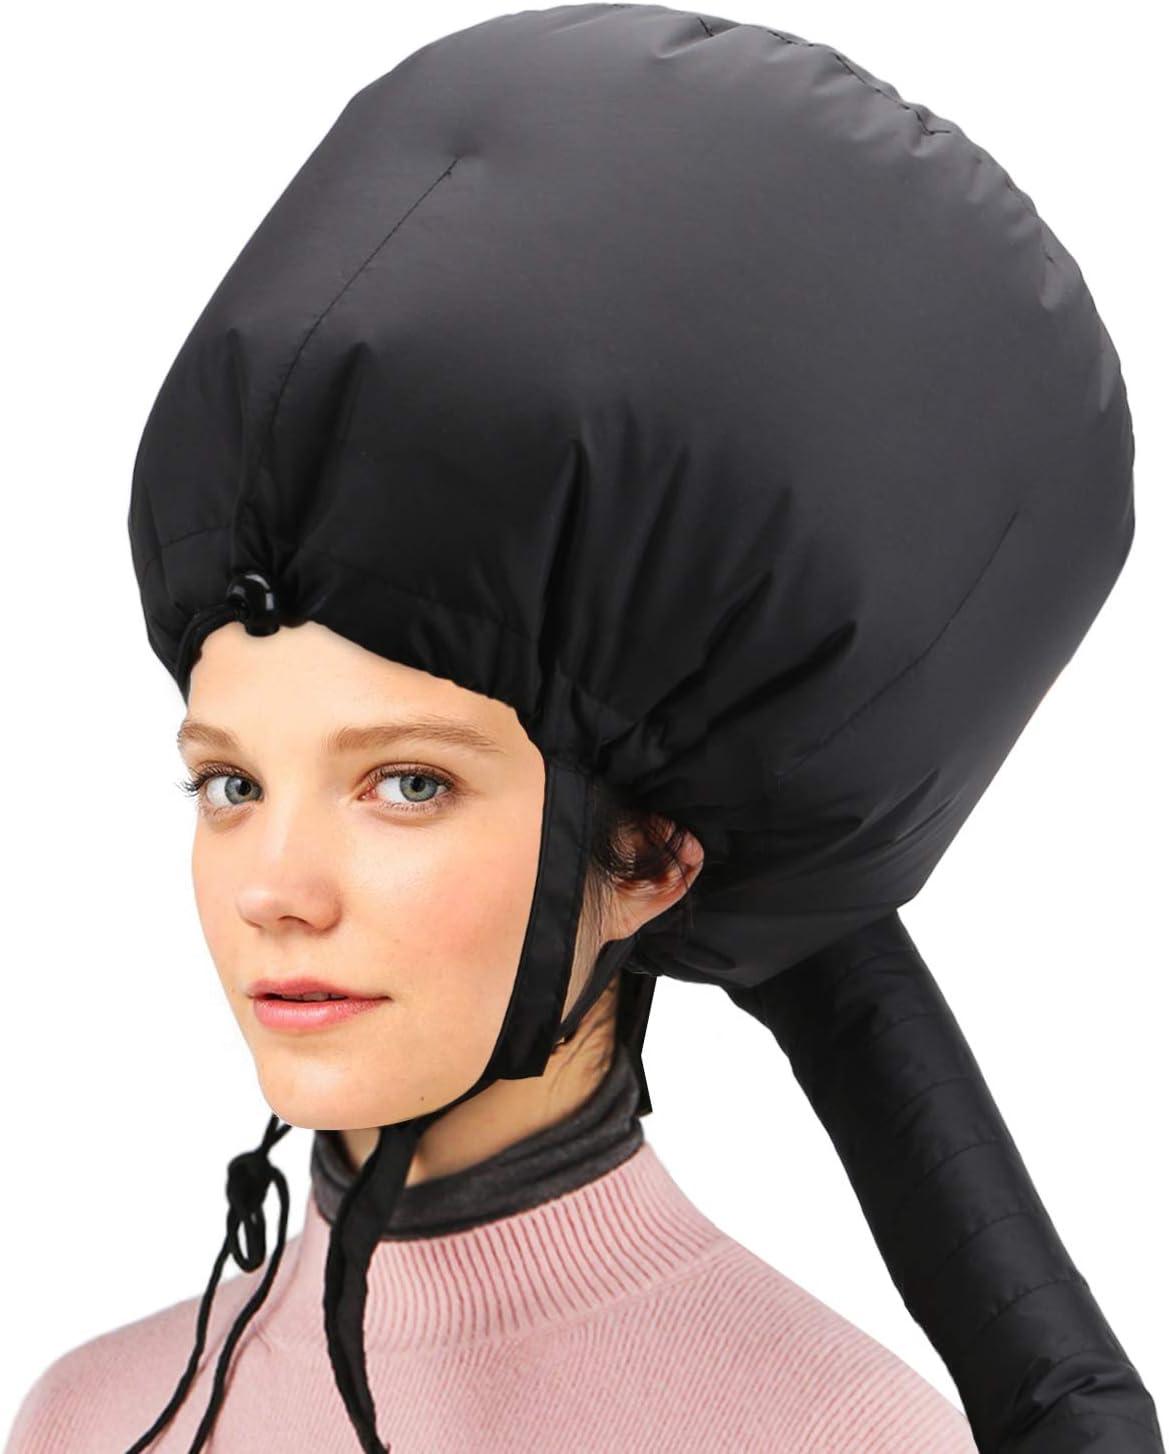 Capucha para secador de pelo, accesorio de secador de pelo ajustable Capó Cabello Acondicionador profundo Acondicionador tipo Y Correas laterales con vaporizador para cabello con banda elástica